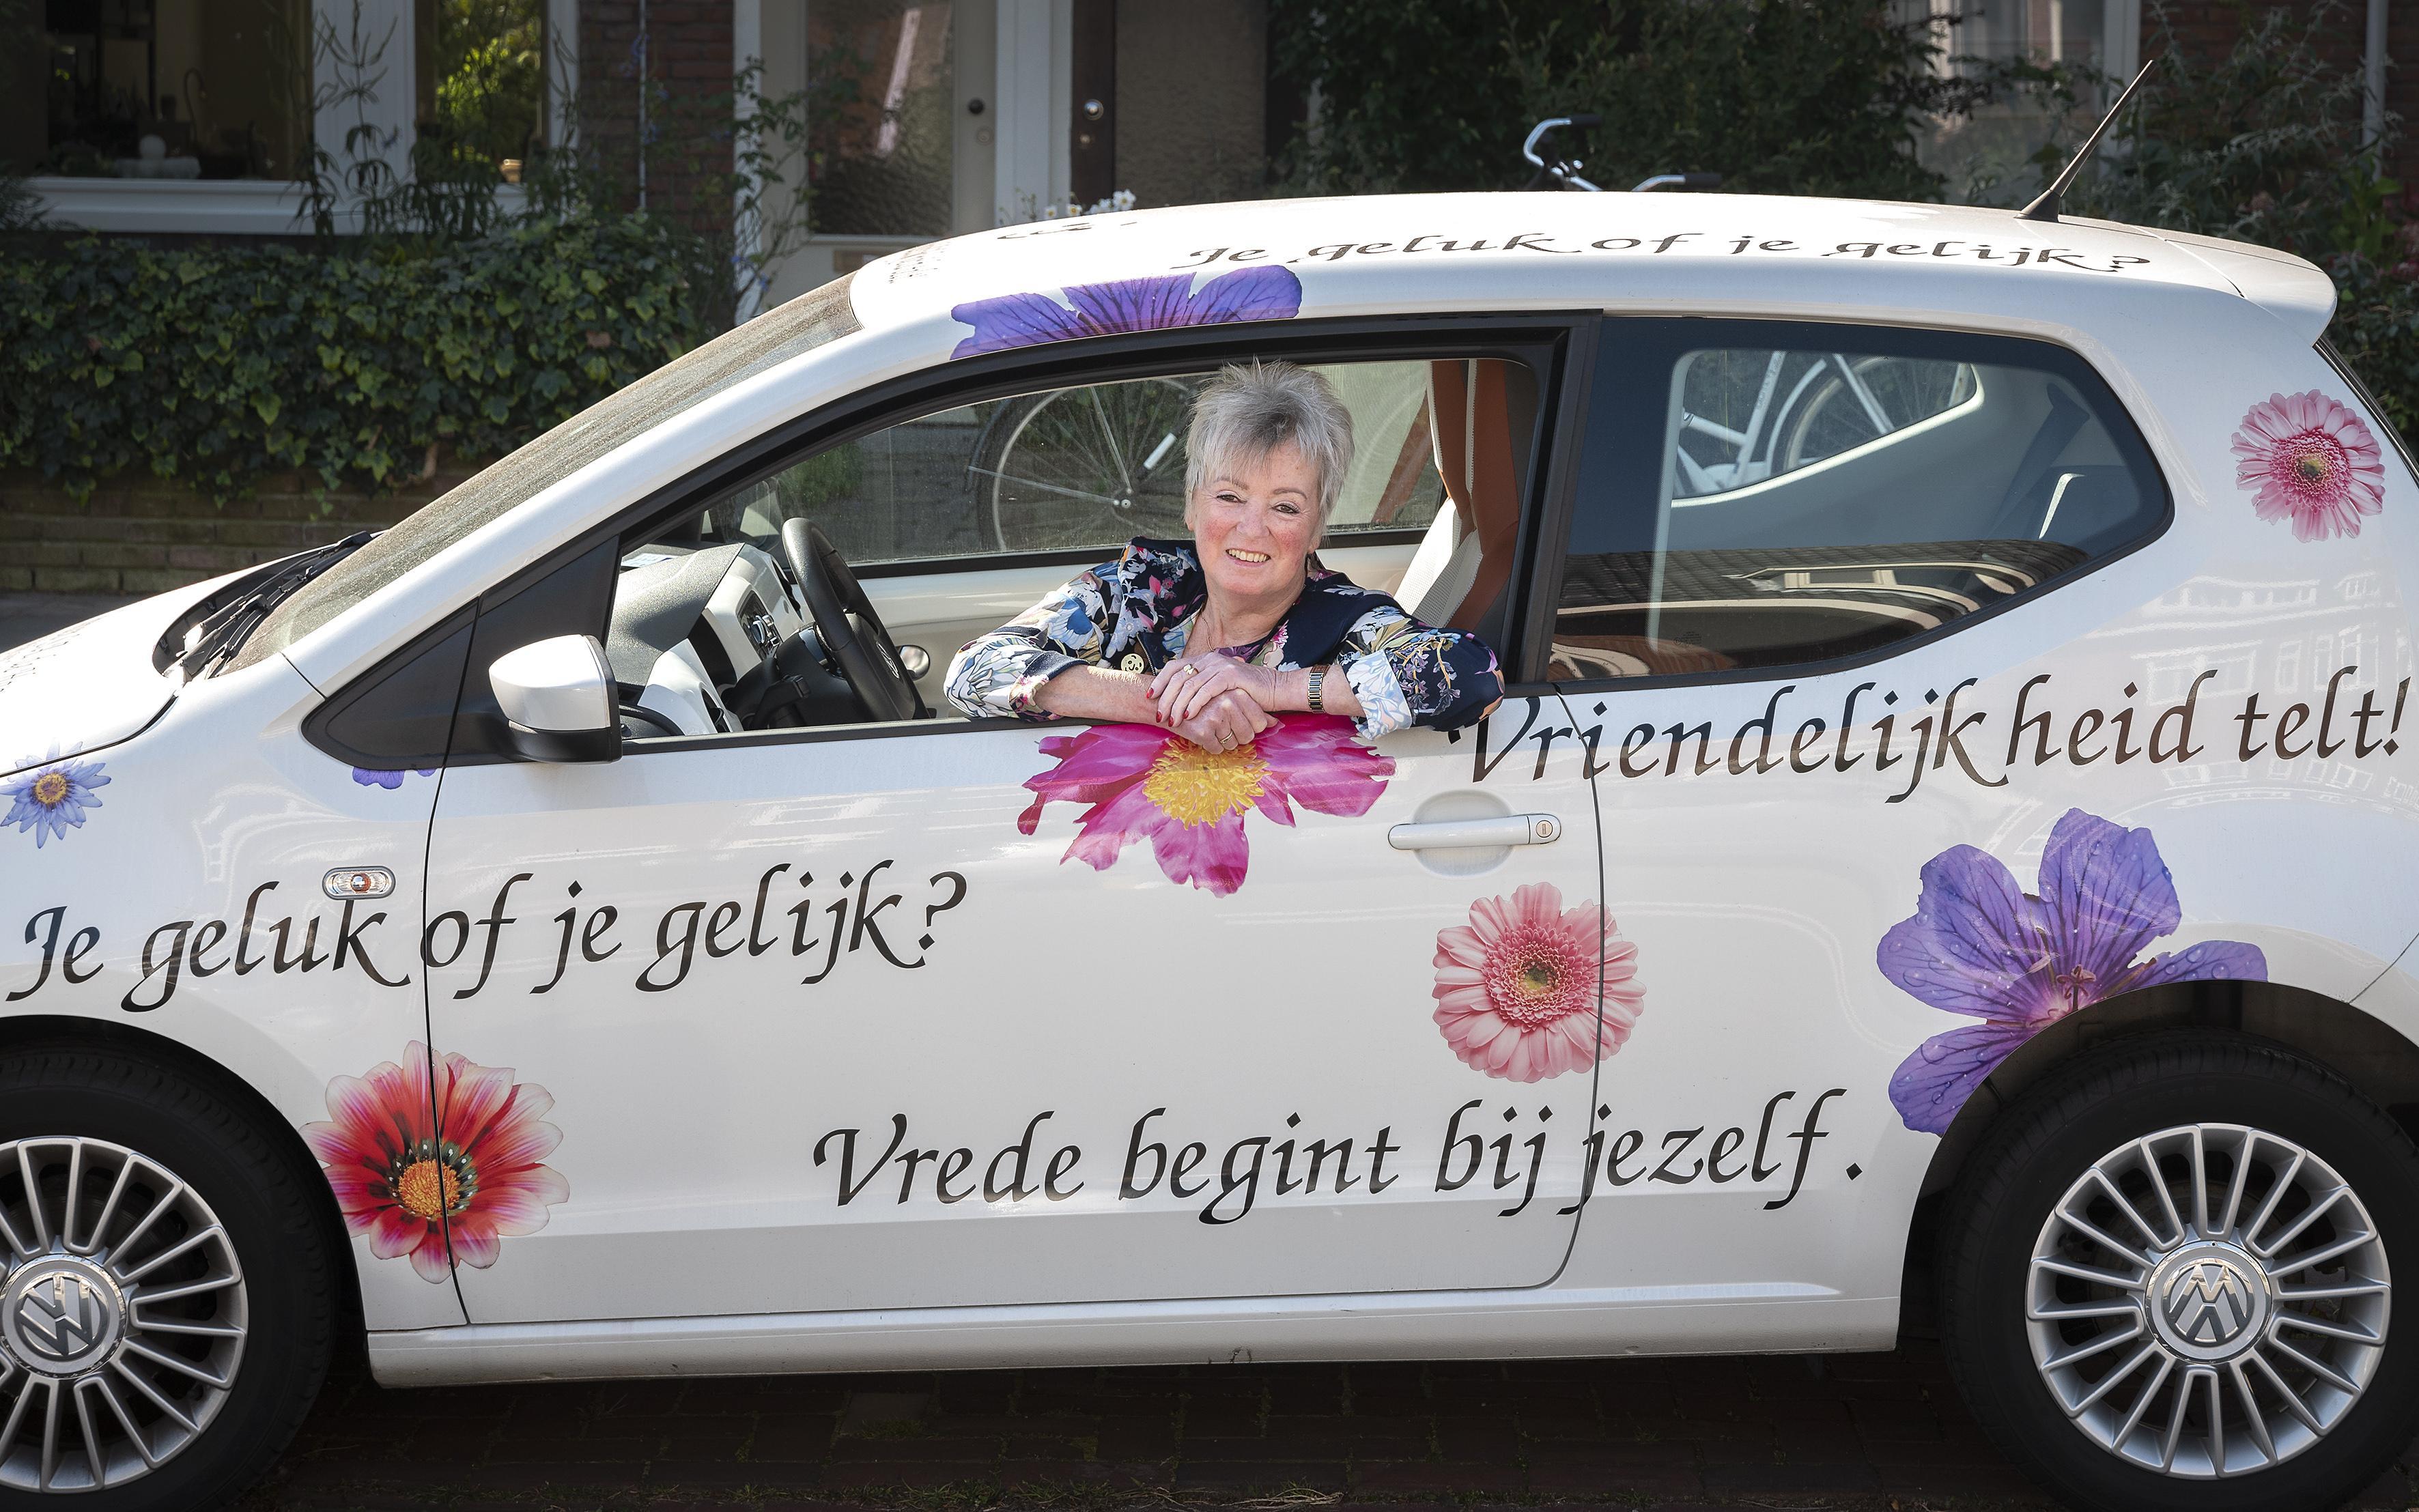 Bewustzijnscoach Carmen de Haan verhuist naar Haarlem: 'Het is mijn missie mensen te helpen'